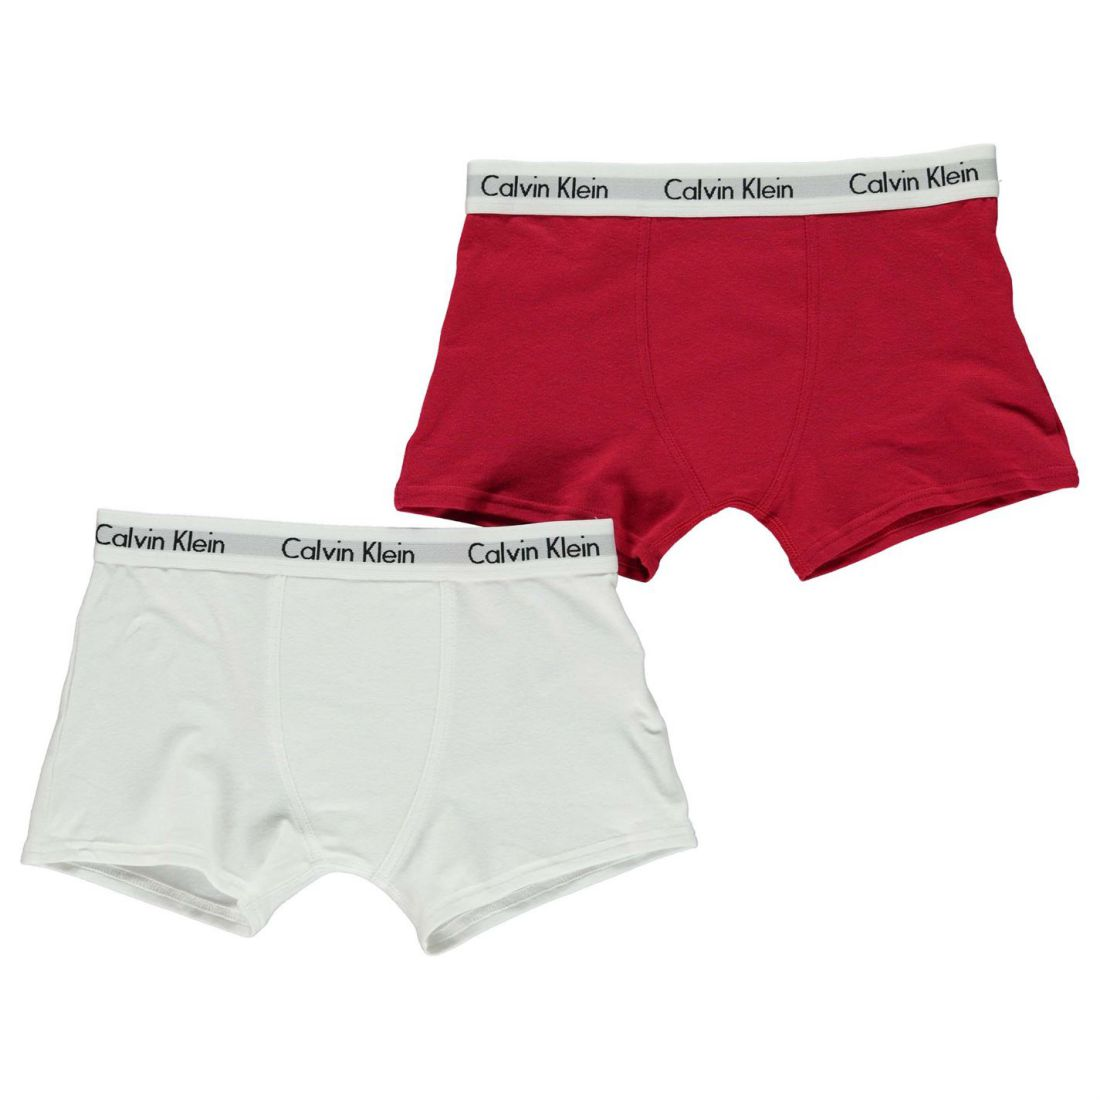 323924b340 Details about Calvin Klein Kids 2 Pack Trunks Junior Boys Elastic Boxer  Underwear Accessories